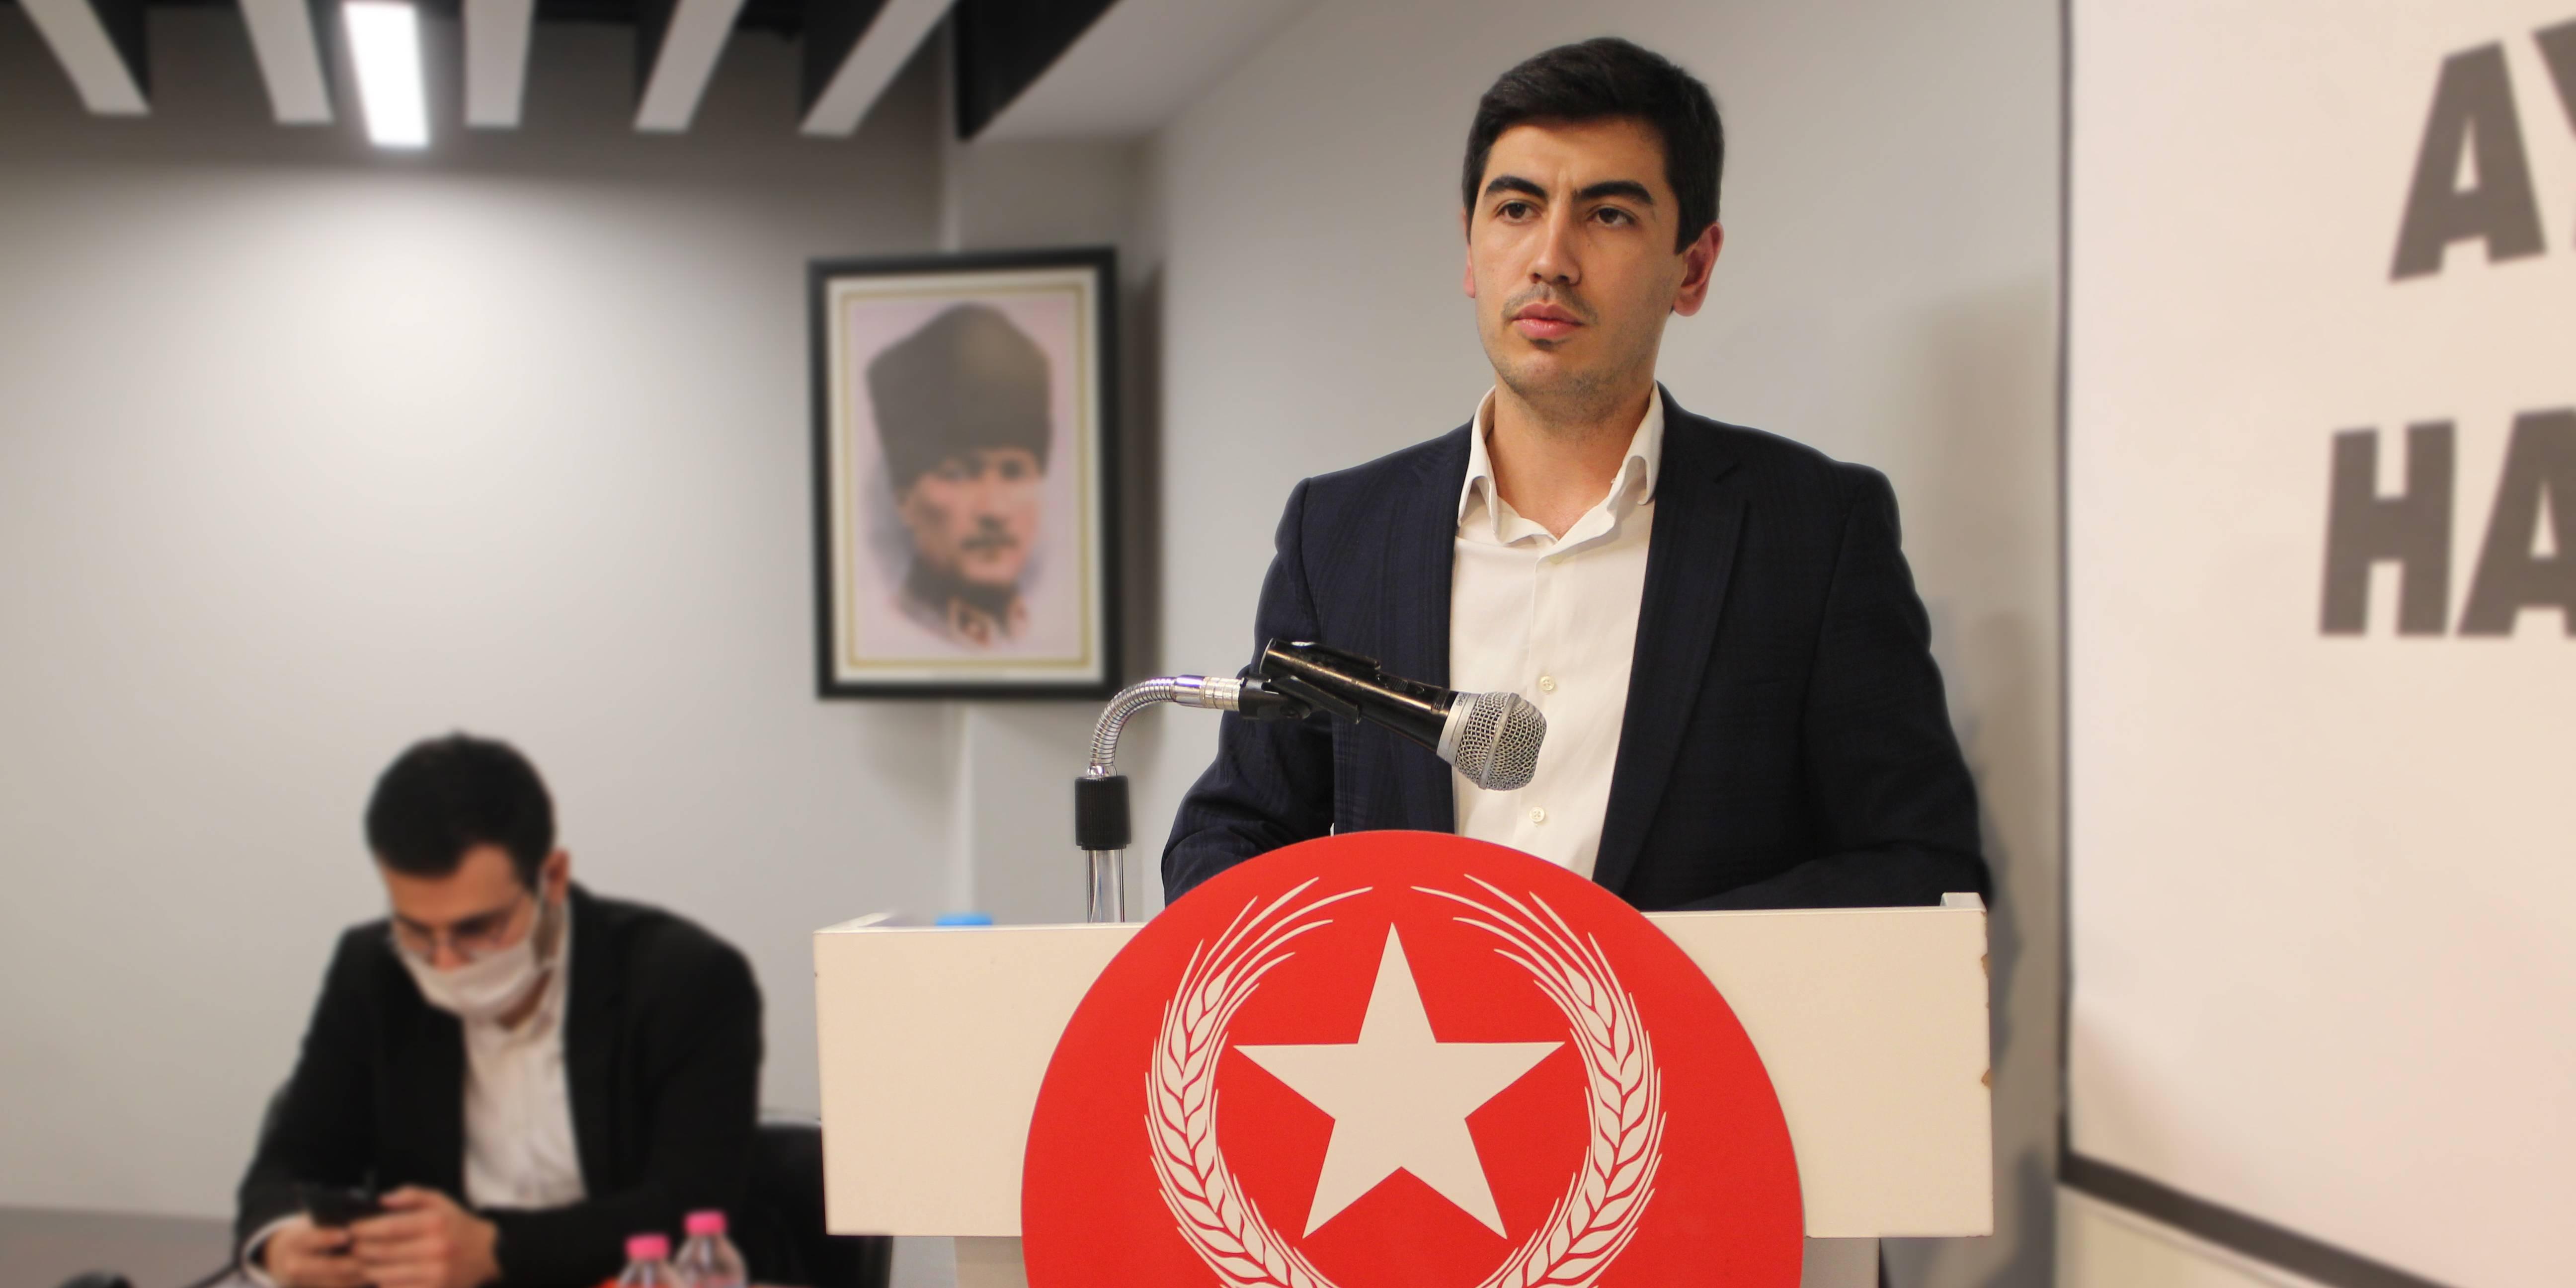 Vatan Partisi Öncü Gençlik'te bayrak değişimi